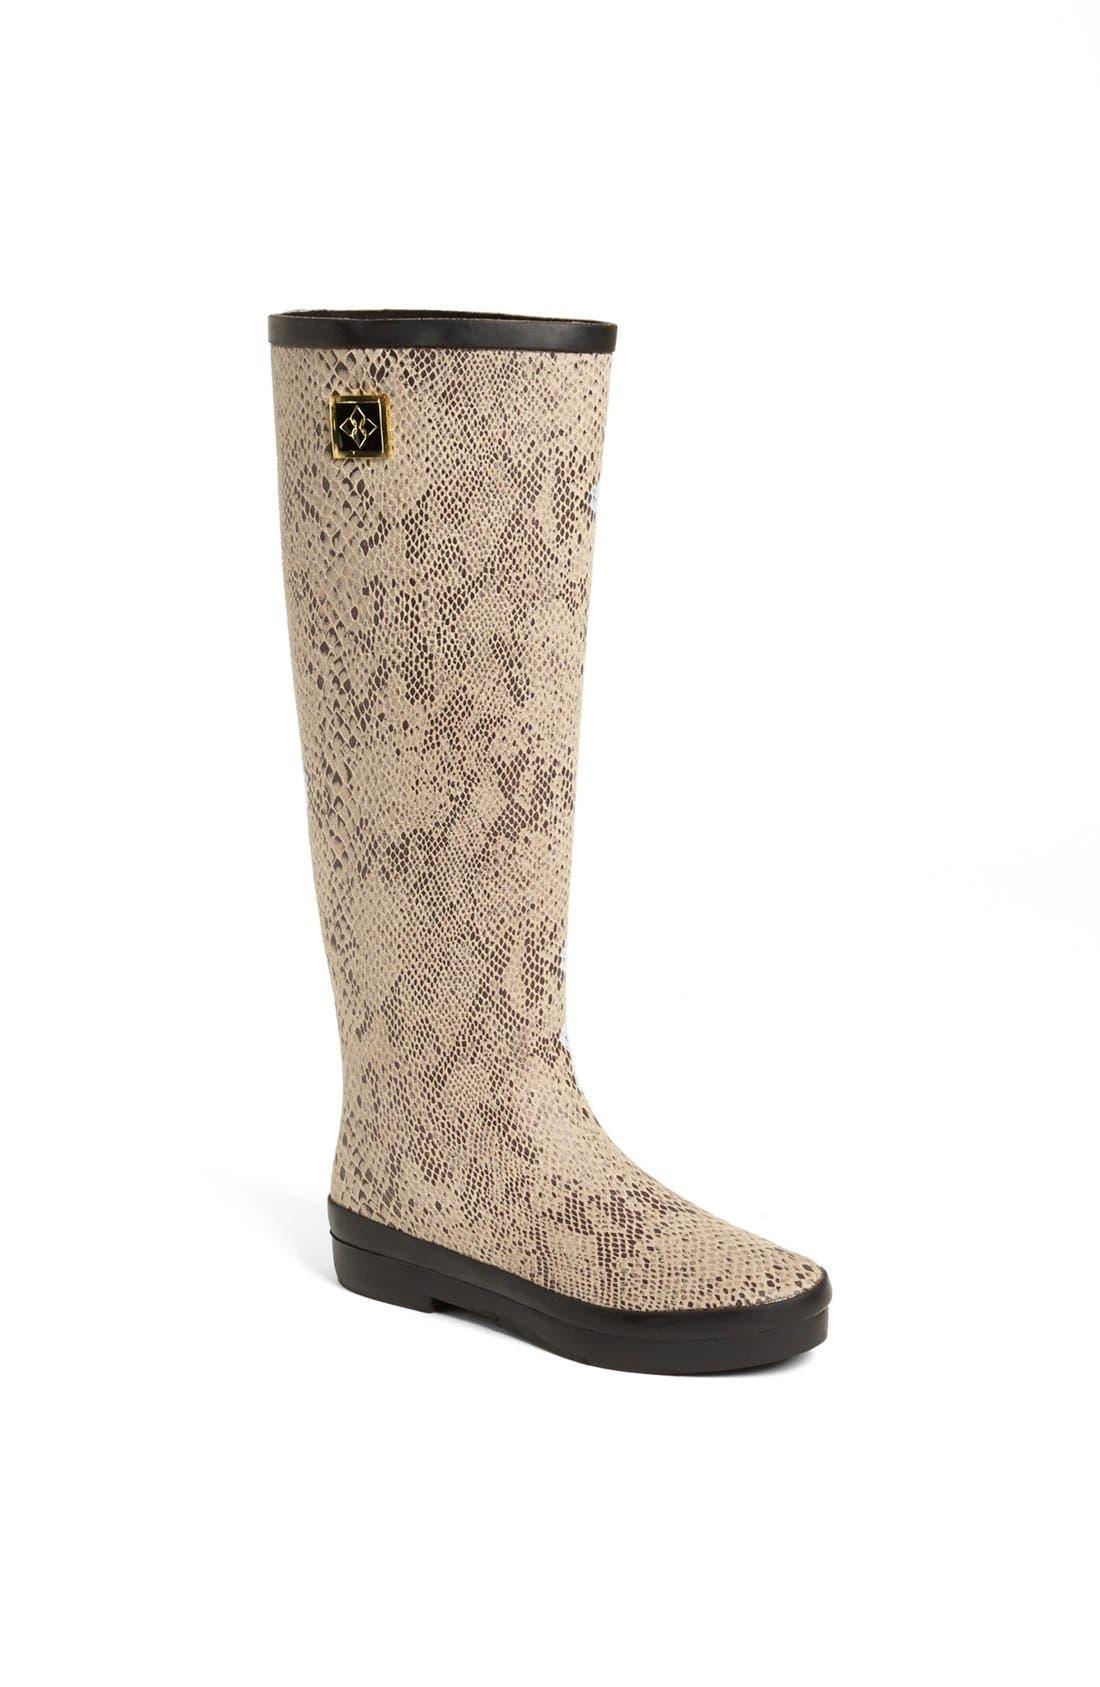 'Austin' Snake Embossed Rain Boot,                         Main,                         color, Sand